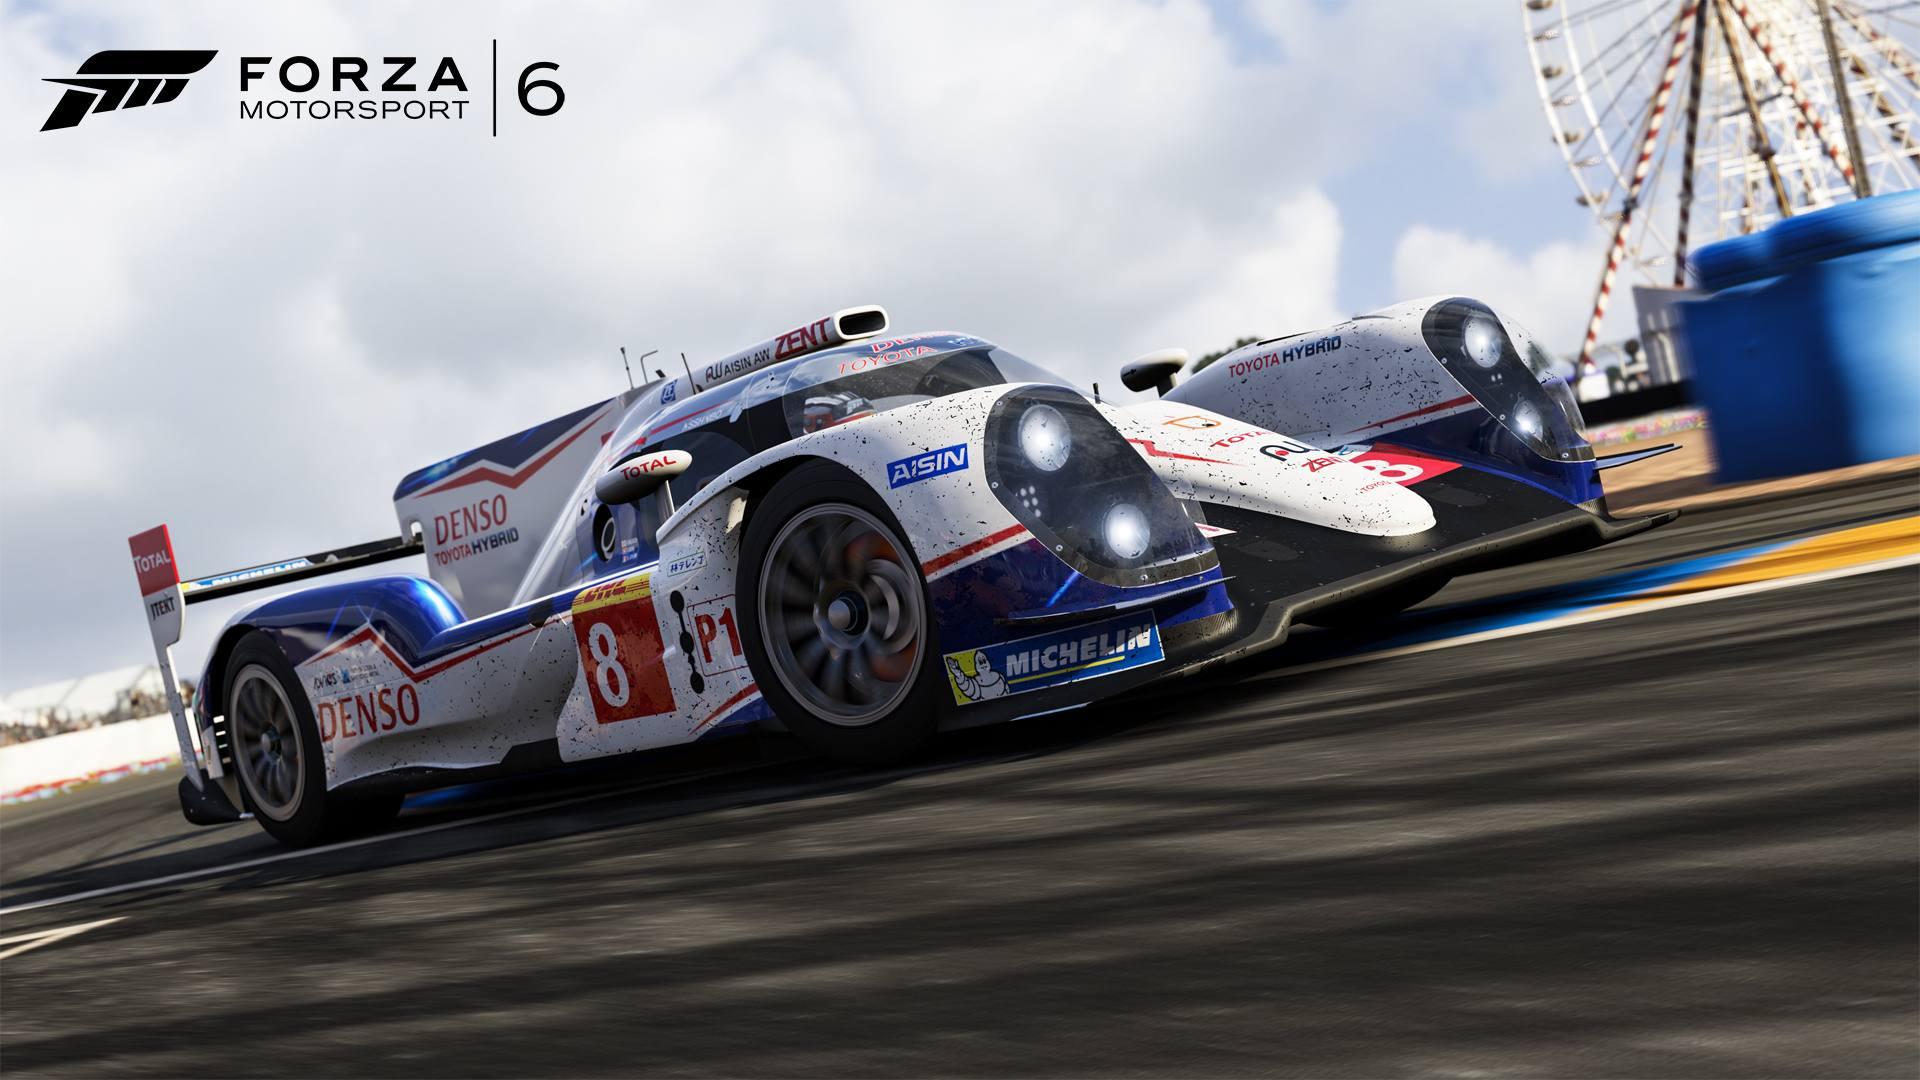 Forza Motorsport 6 05-01-16 2014 Toyota #8 Toyota Racing TS040 HYBRID